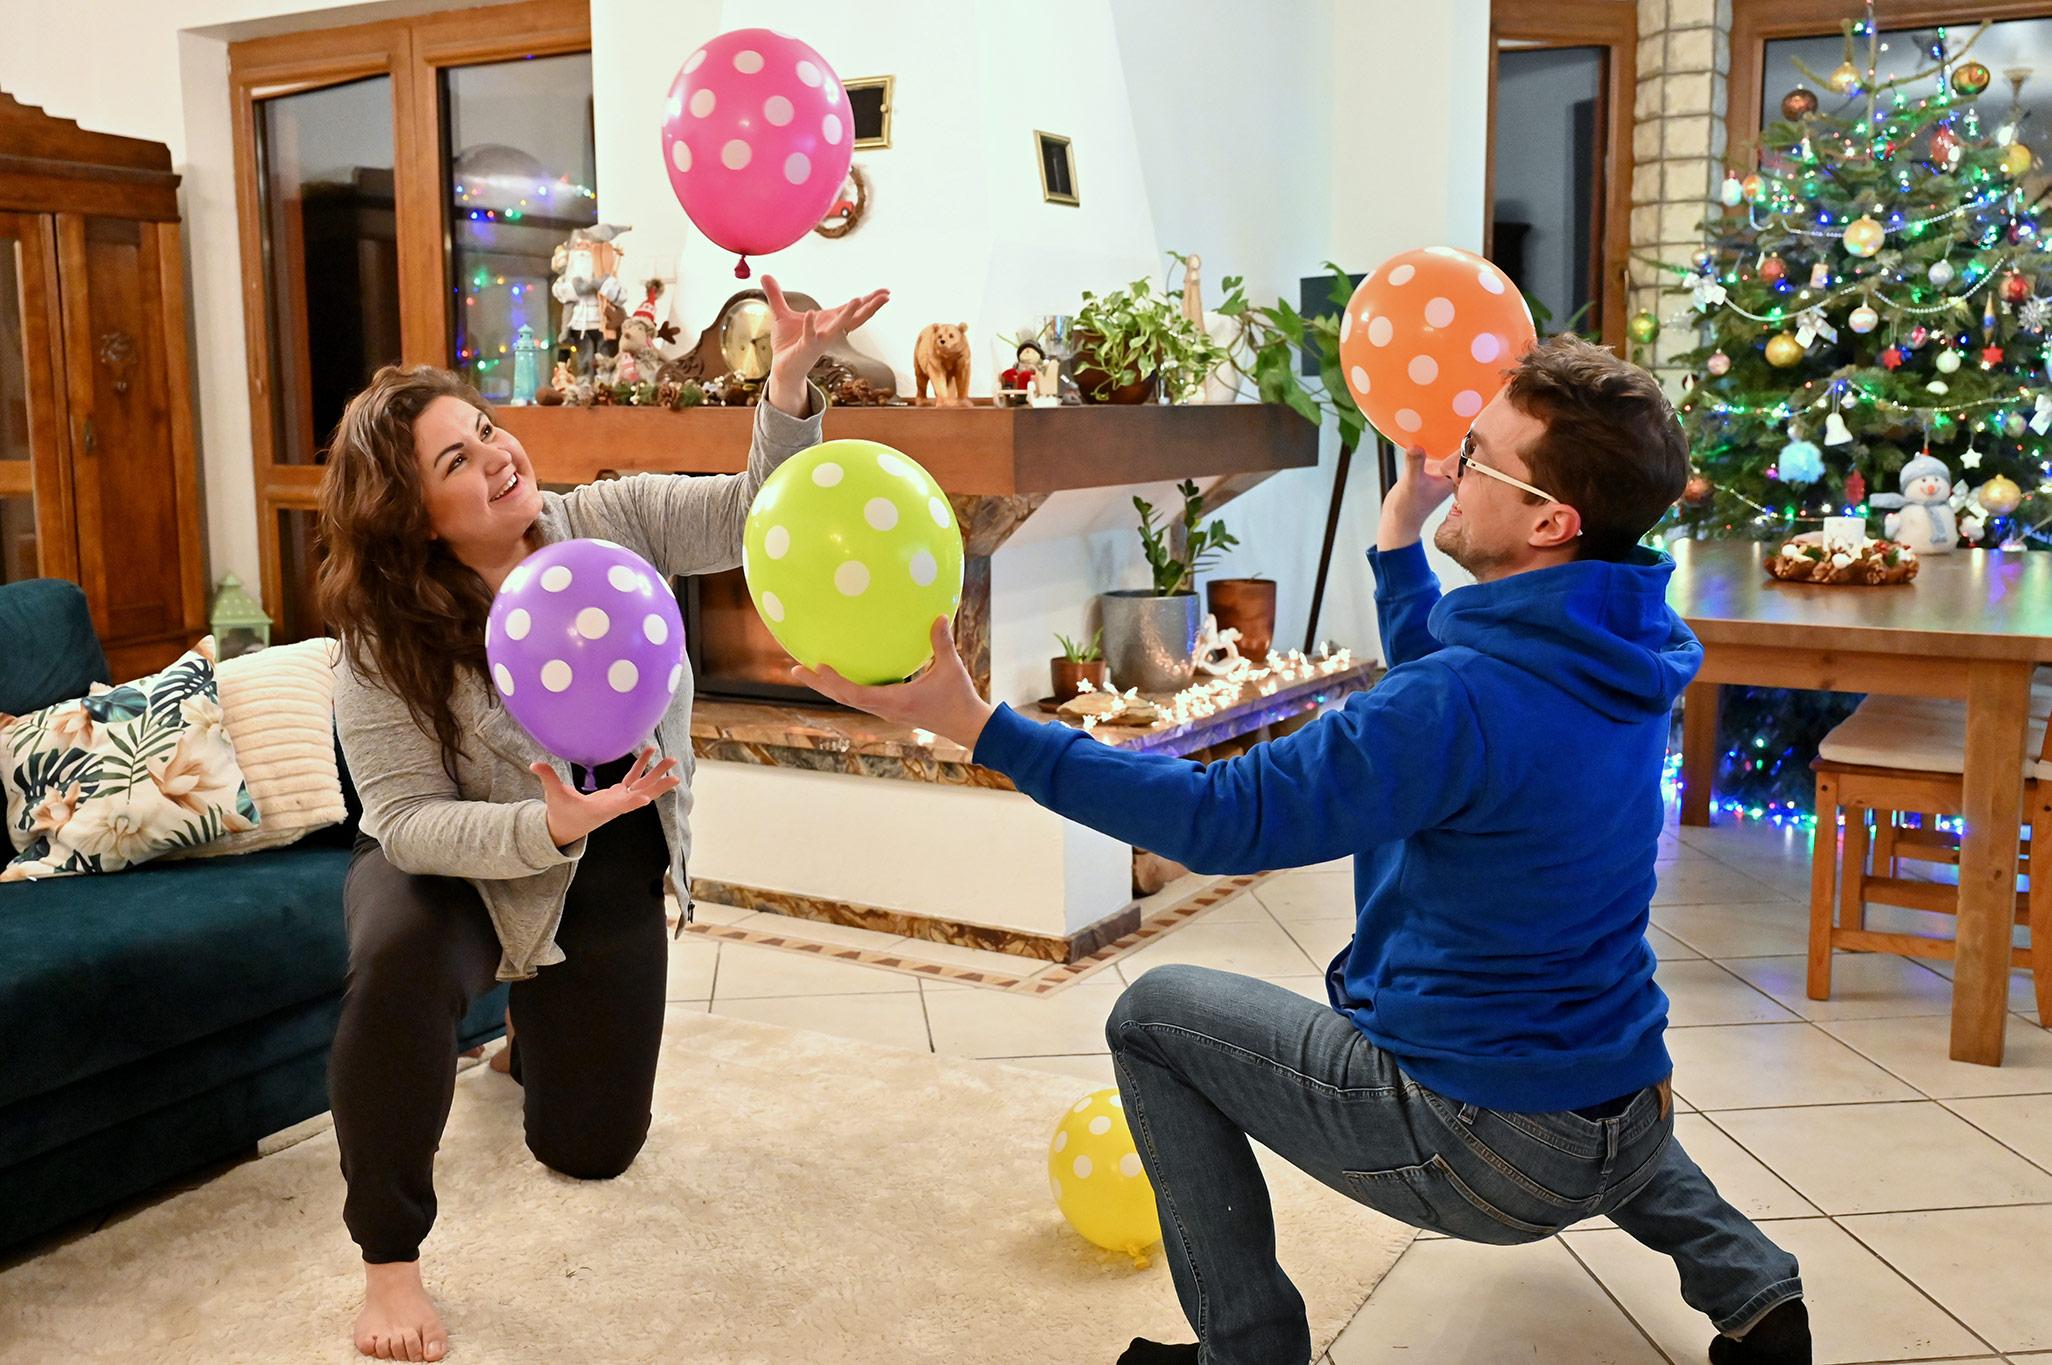 zabawy z balonami, zabawy ruchowe z balonami, pomysły na nudę dla dzieci